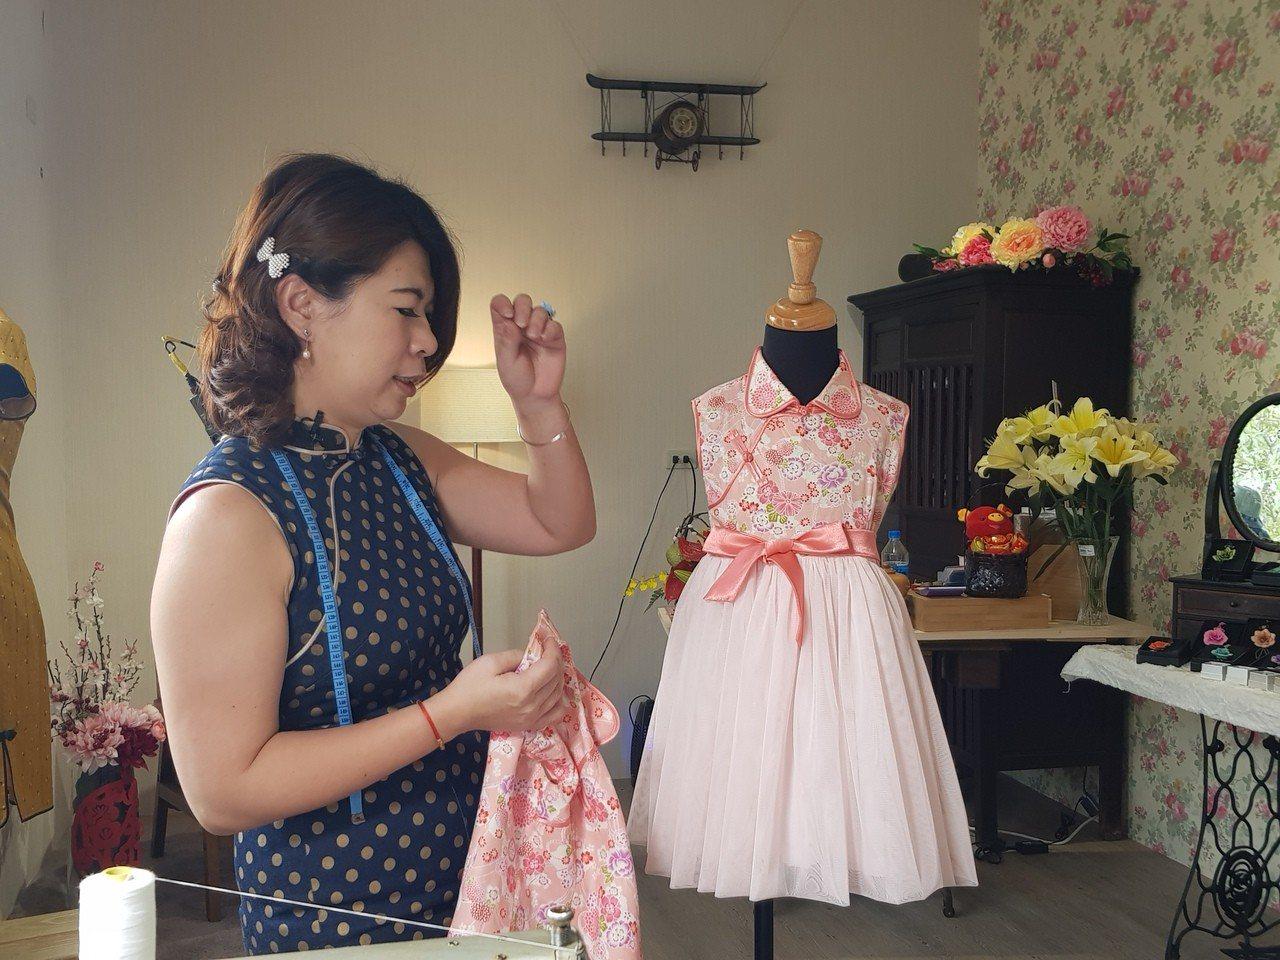 改造旗袍,結合傳統與現代風格。記者廖惠玲/攝影